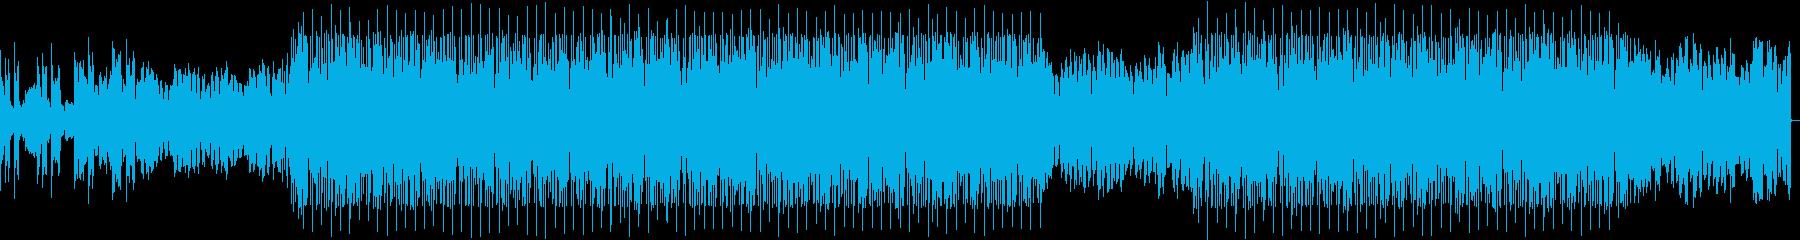 bpm096 ボコーダーEDMエレクトロの再生済みの波形